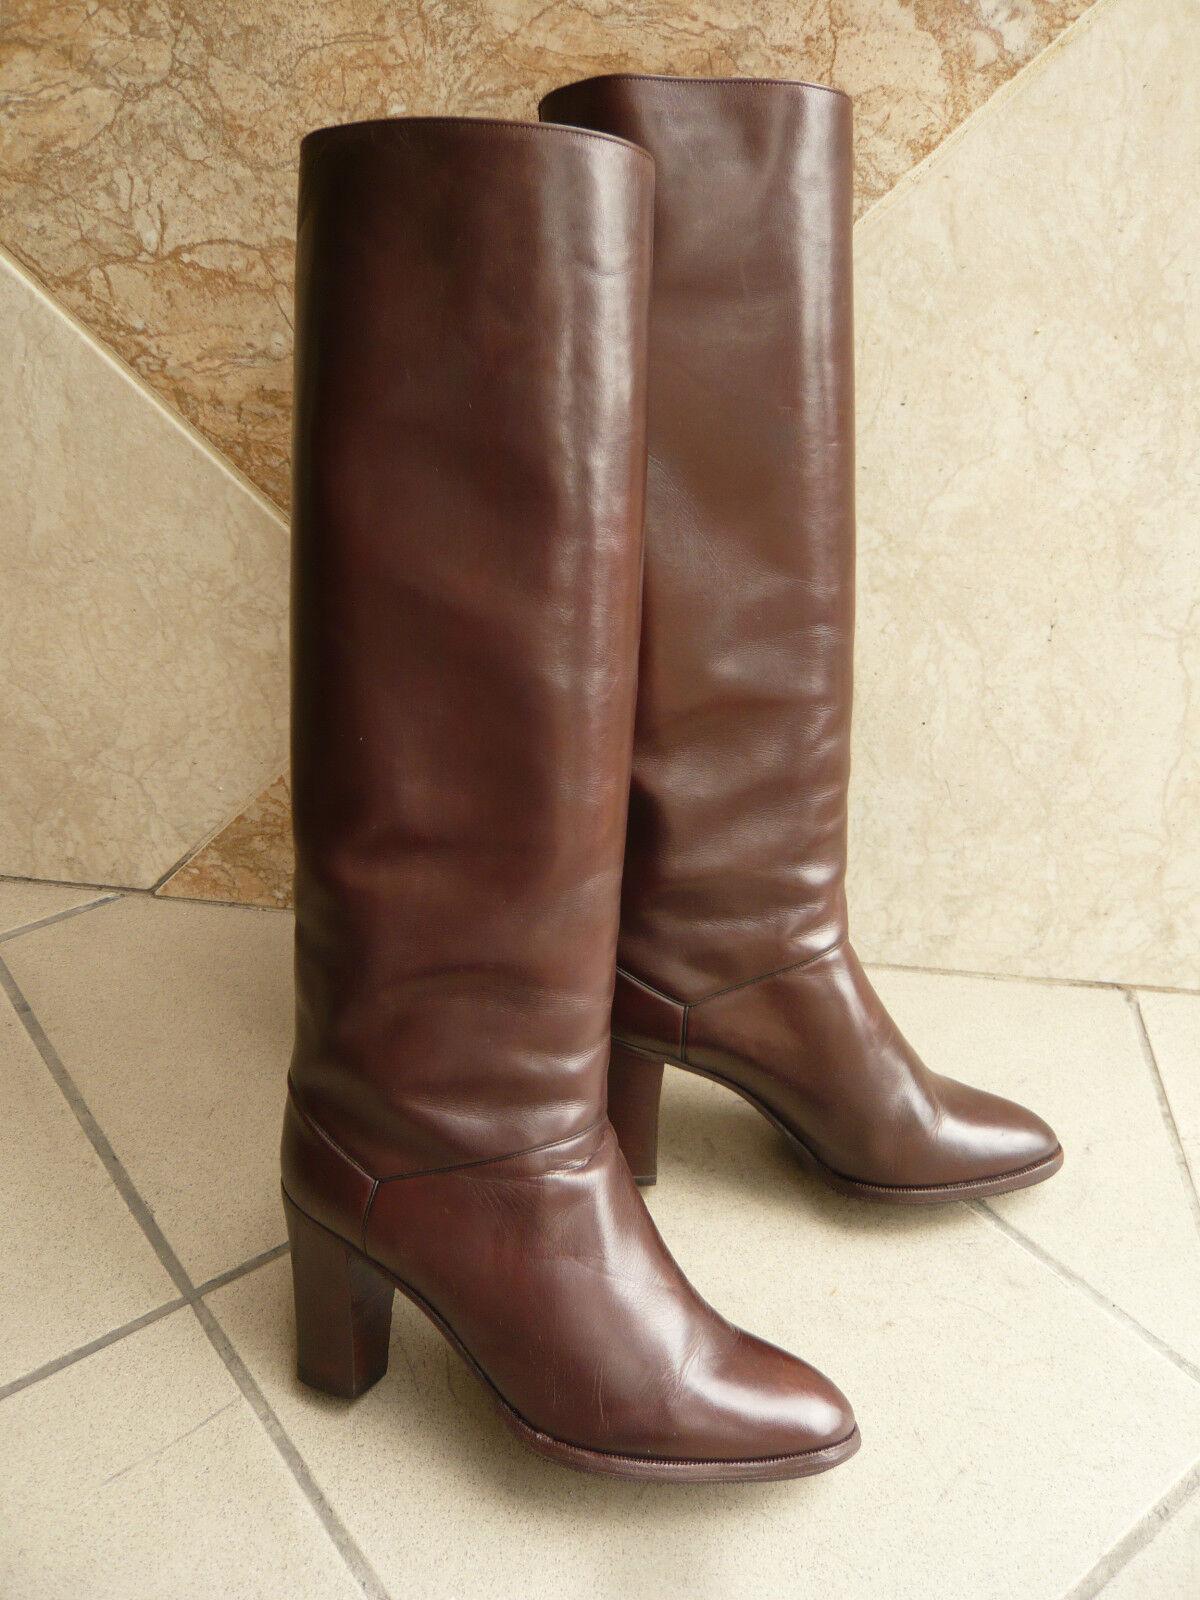 Boots Vintage Lario   Dark Brown   - 36,5